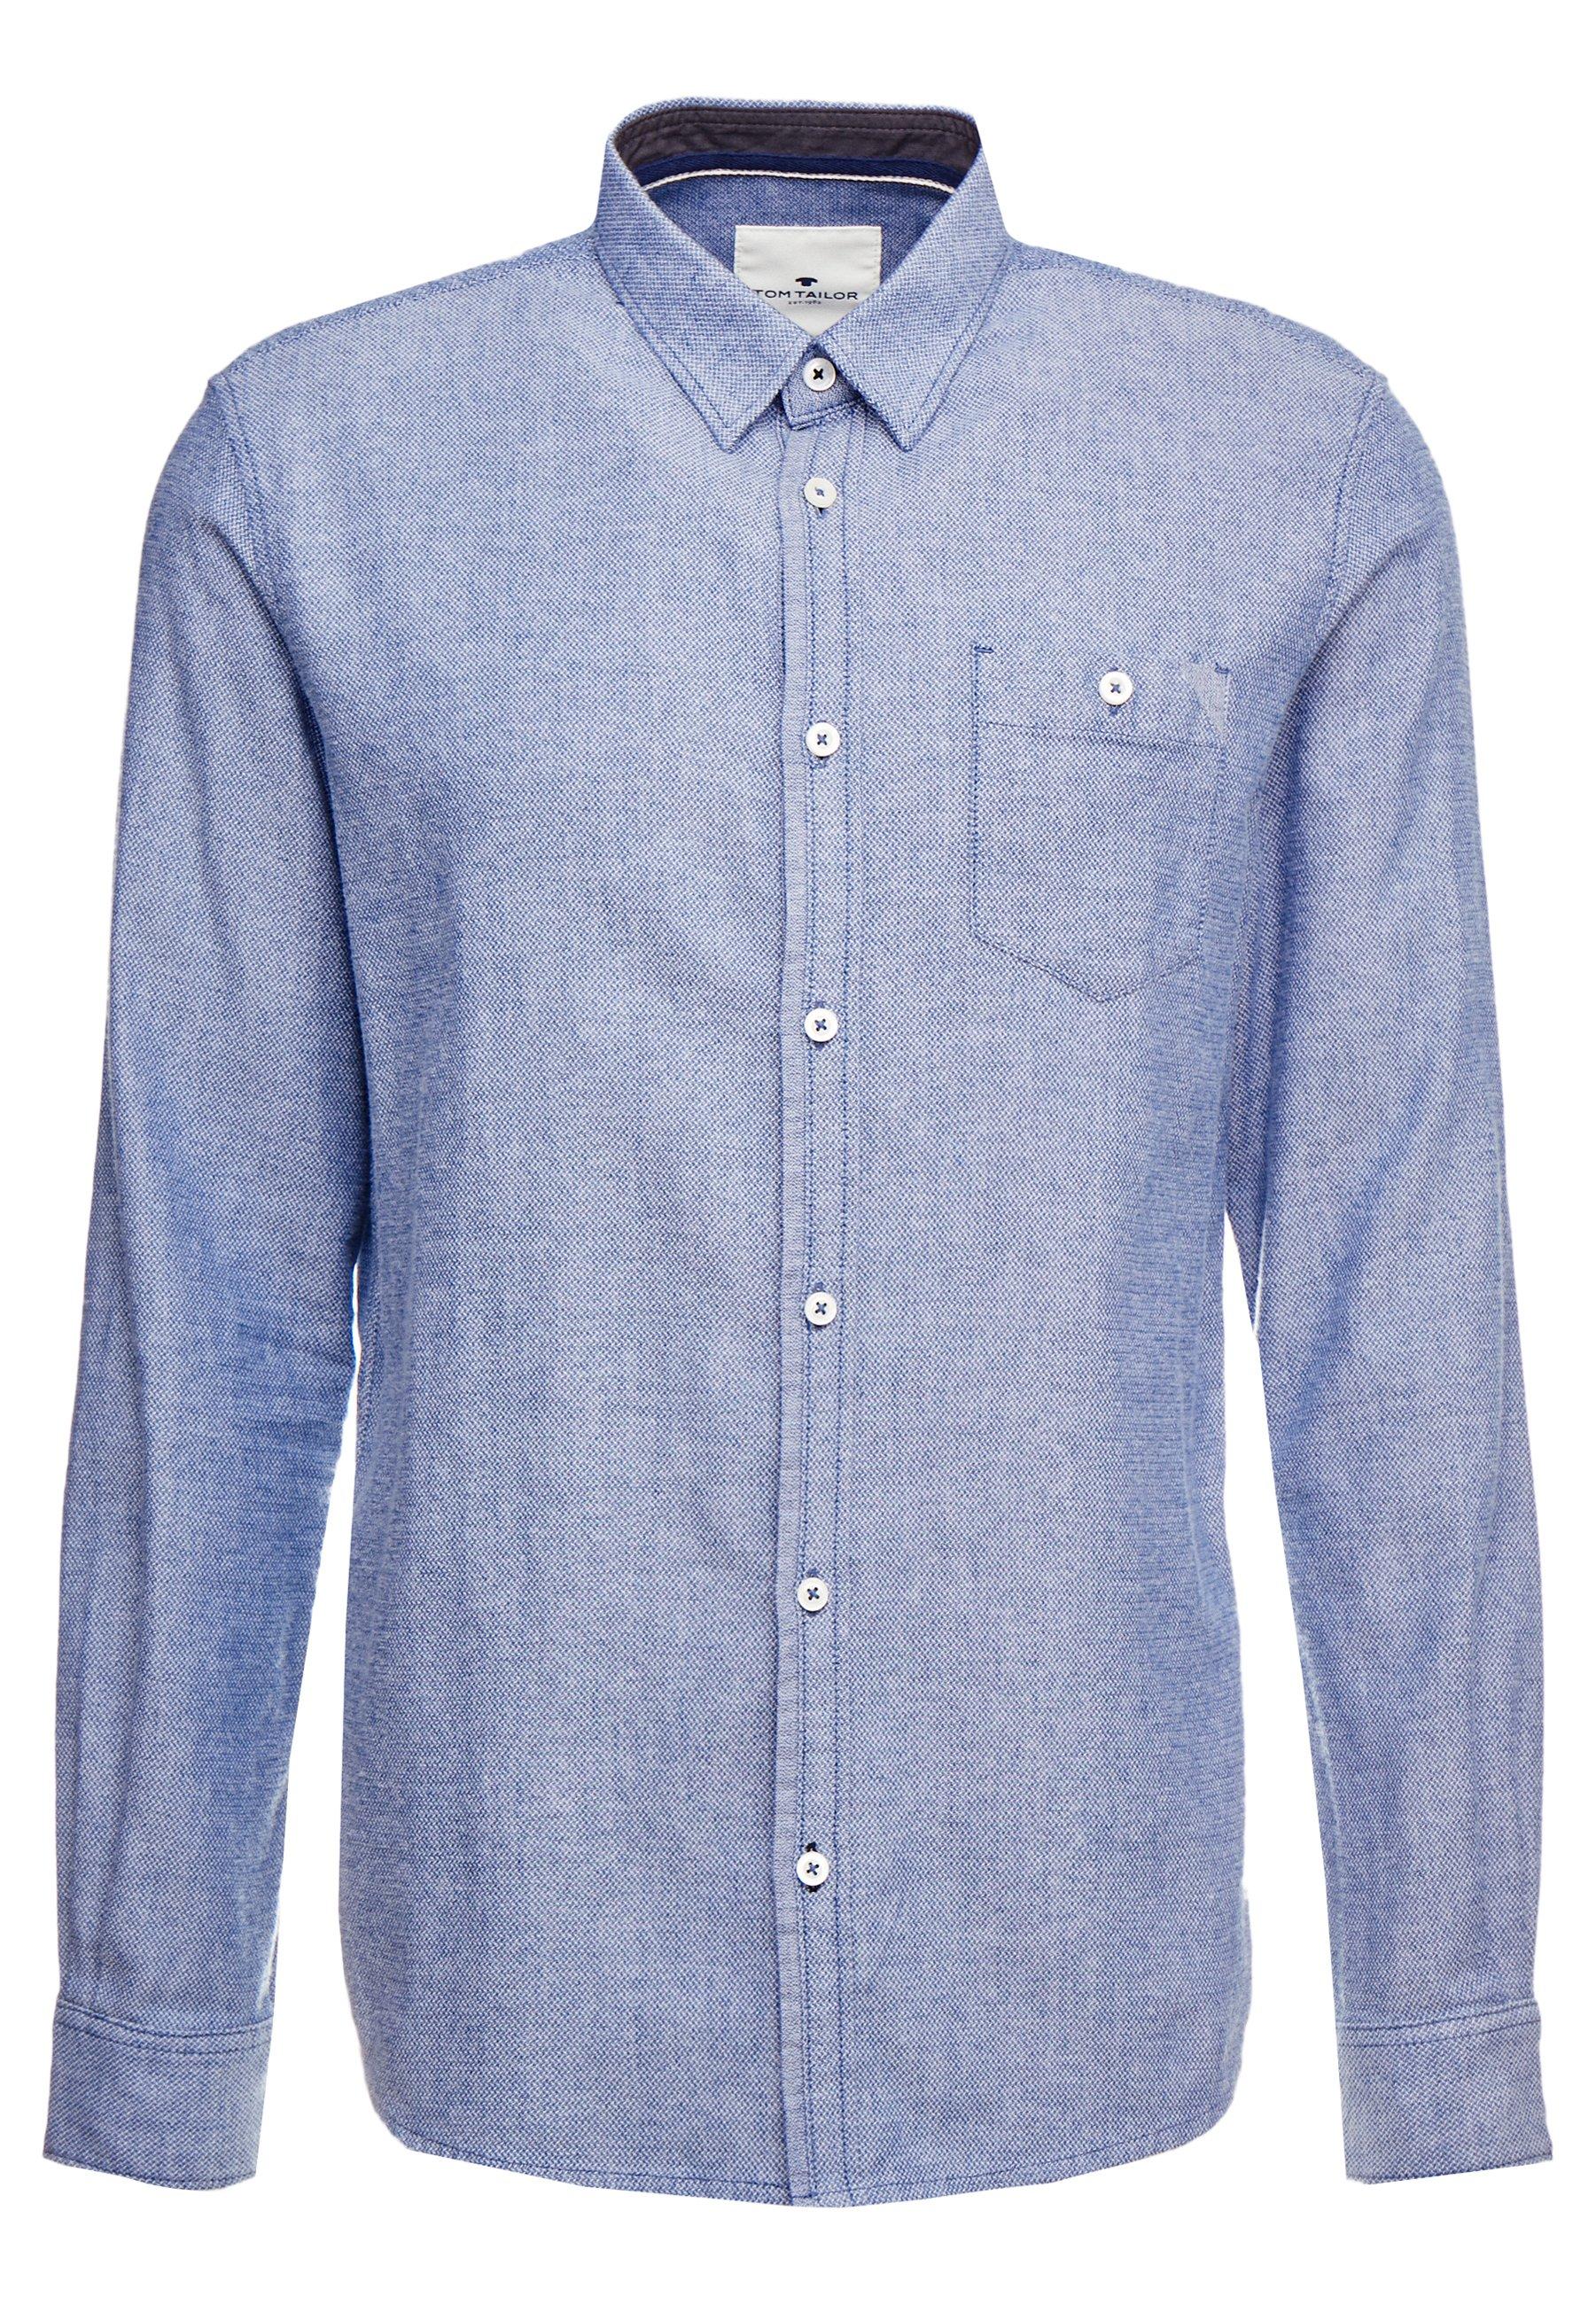 TOM TAILOR DOBBY  - Skjorte - white / structure blue